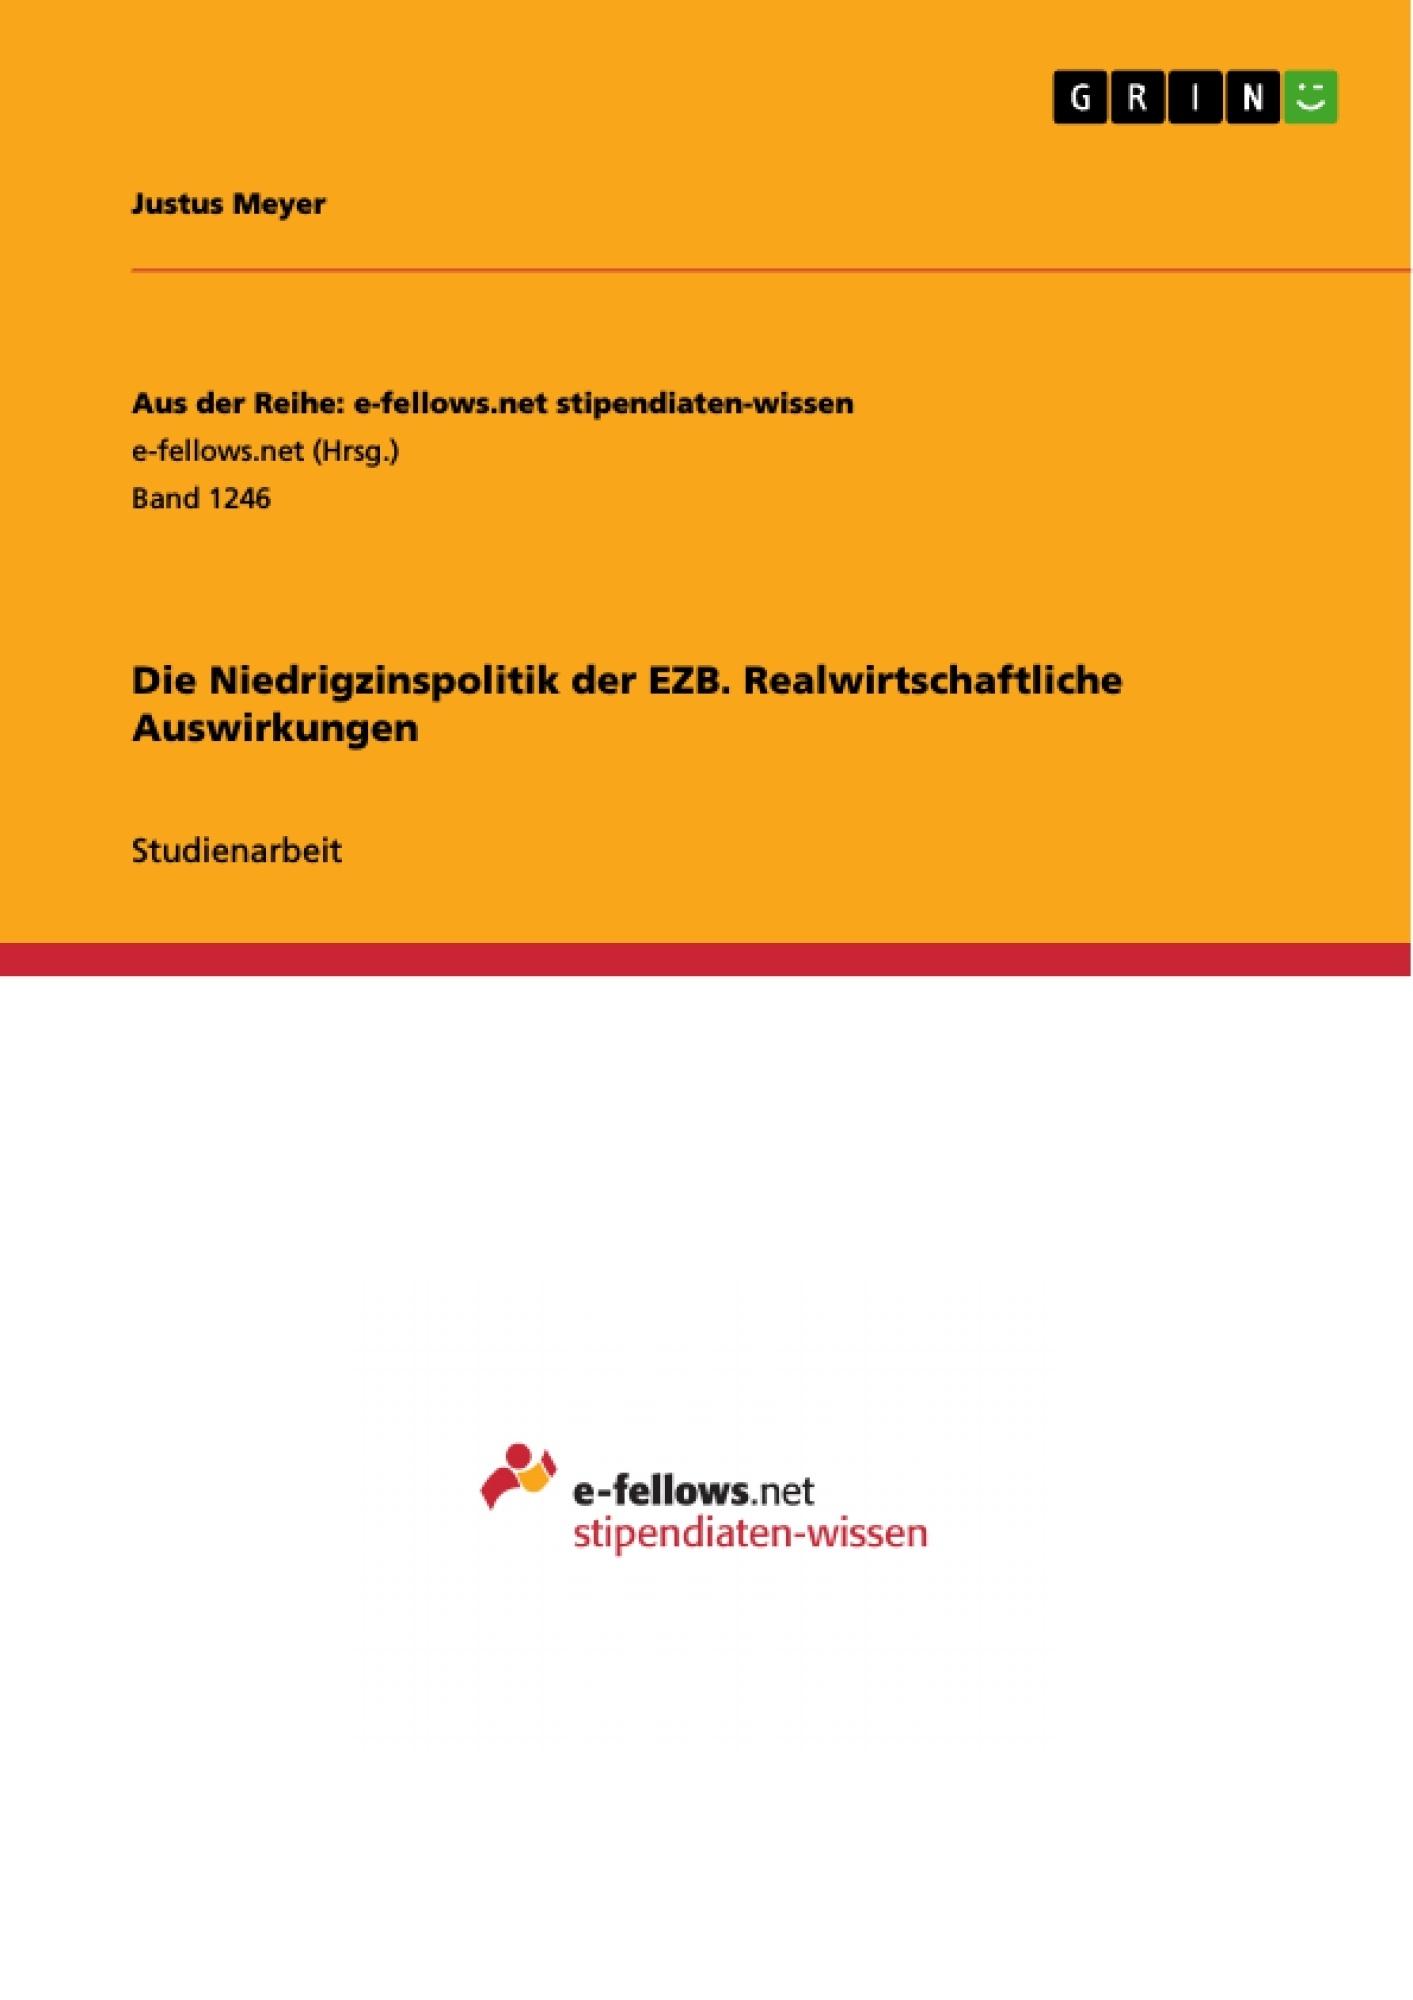 Titel: Die Niedrigzinspolitik der EZB. Realwirtschaftliche Auswirkungen